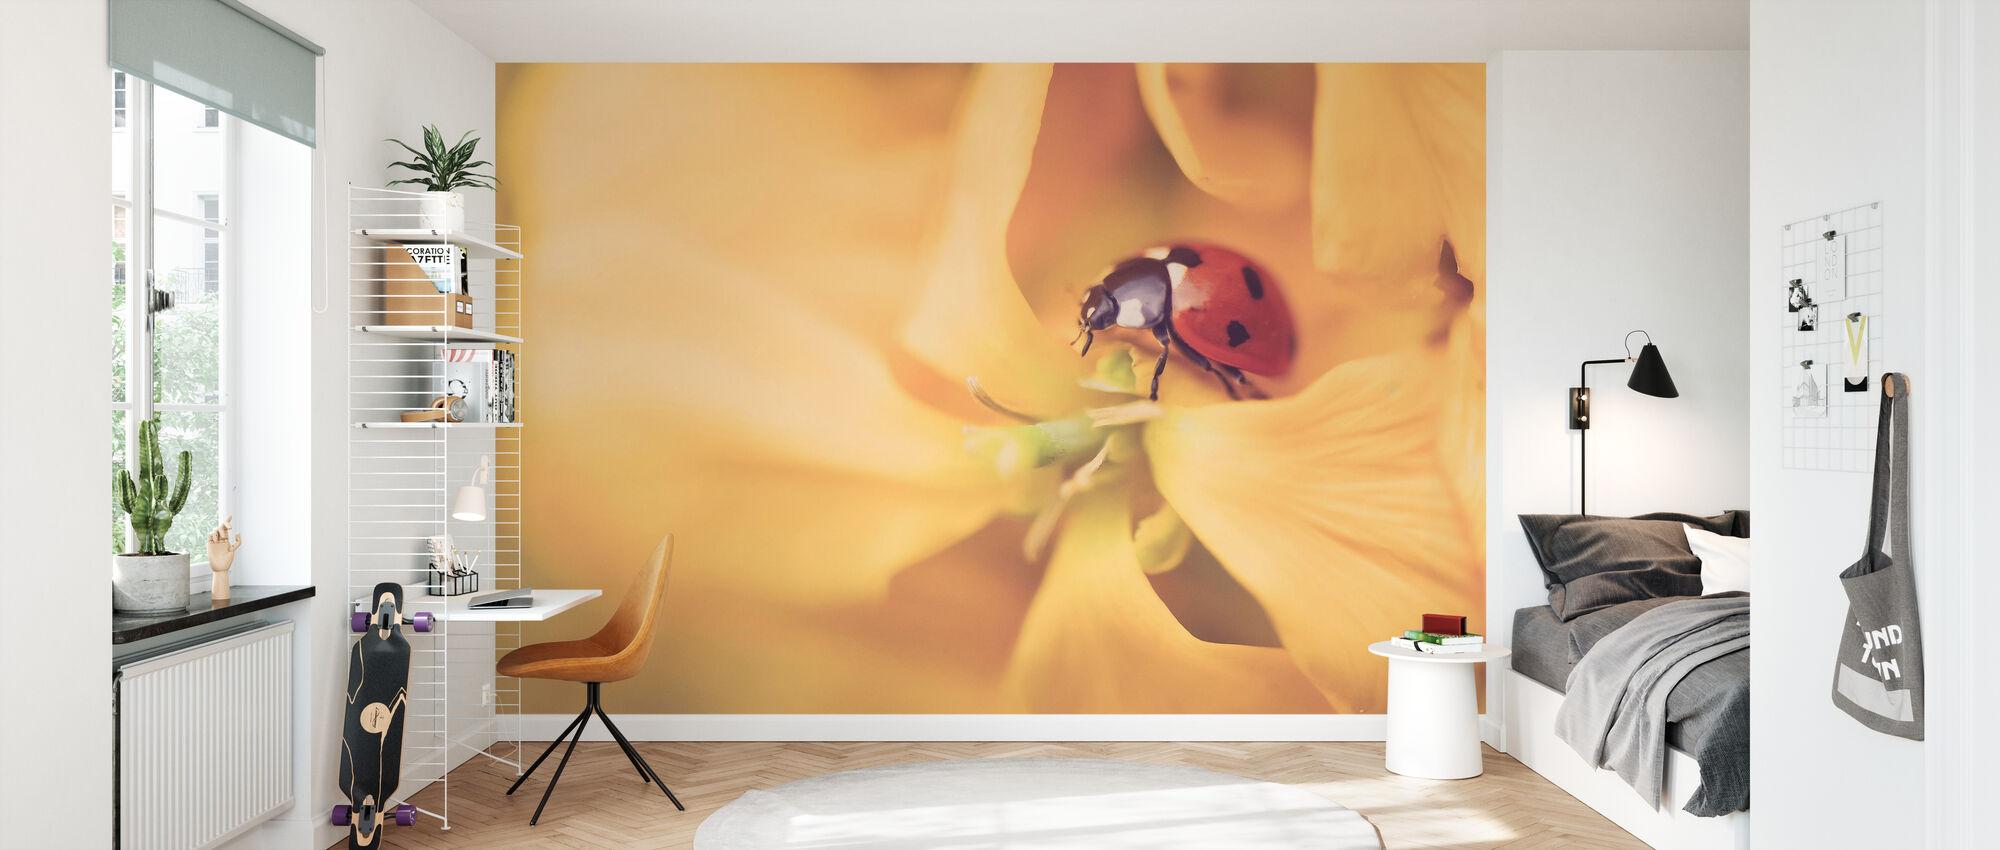 Lieveheersbeestje verkennen - Behang - Kinderkamer